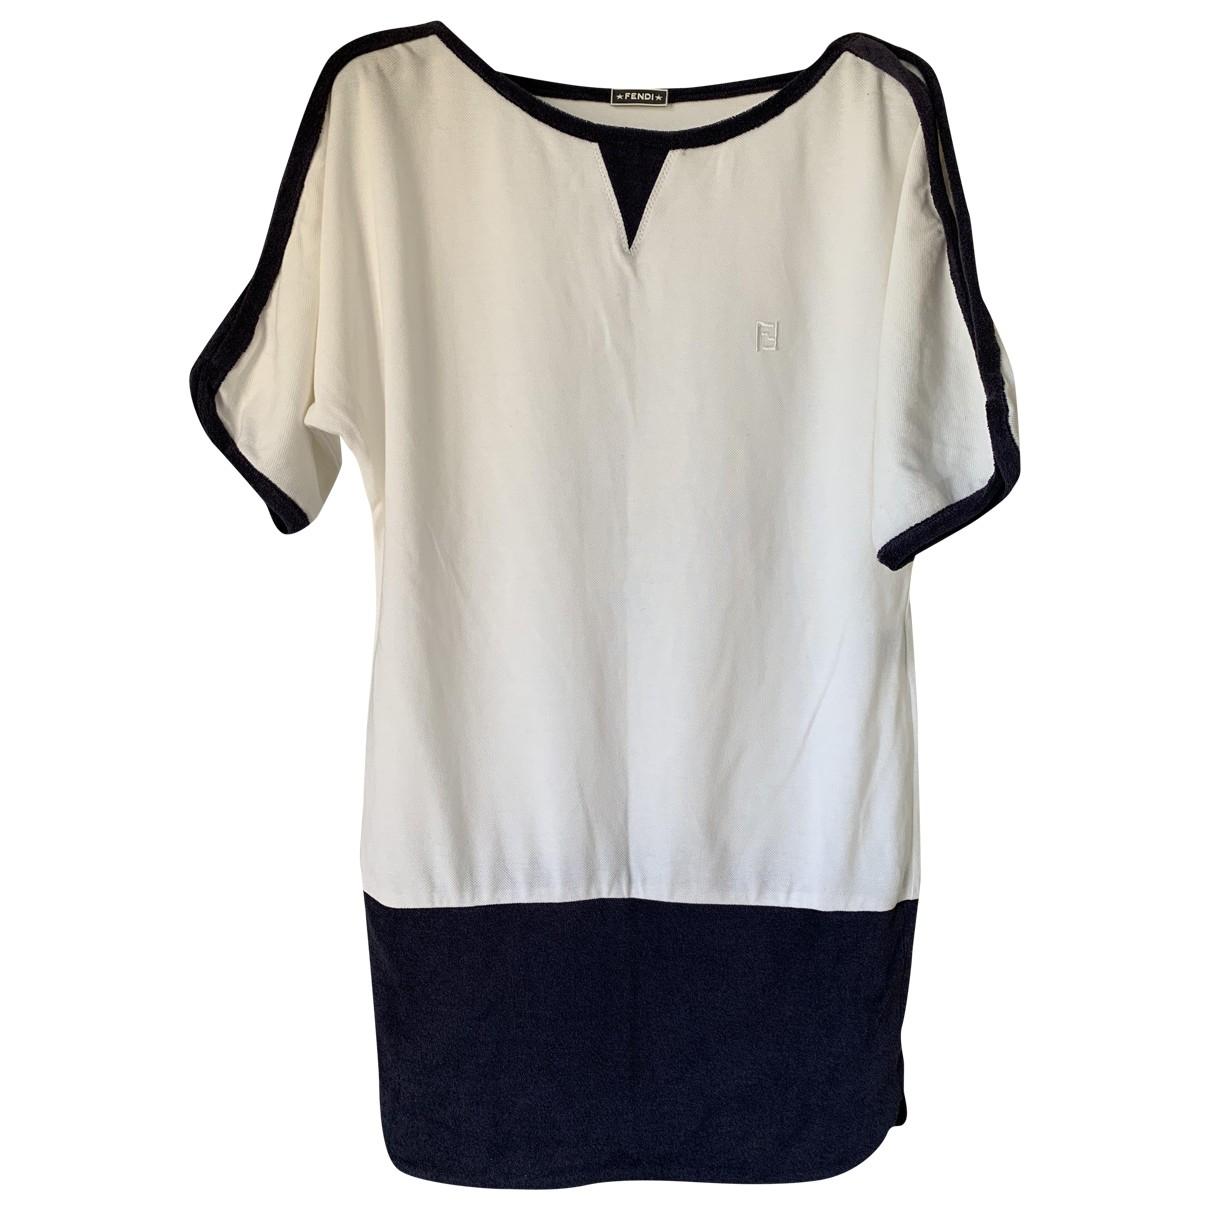 Fendi \N Kleid in  Bunt Baumwolle